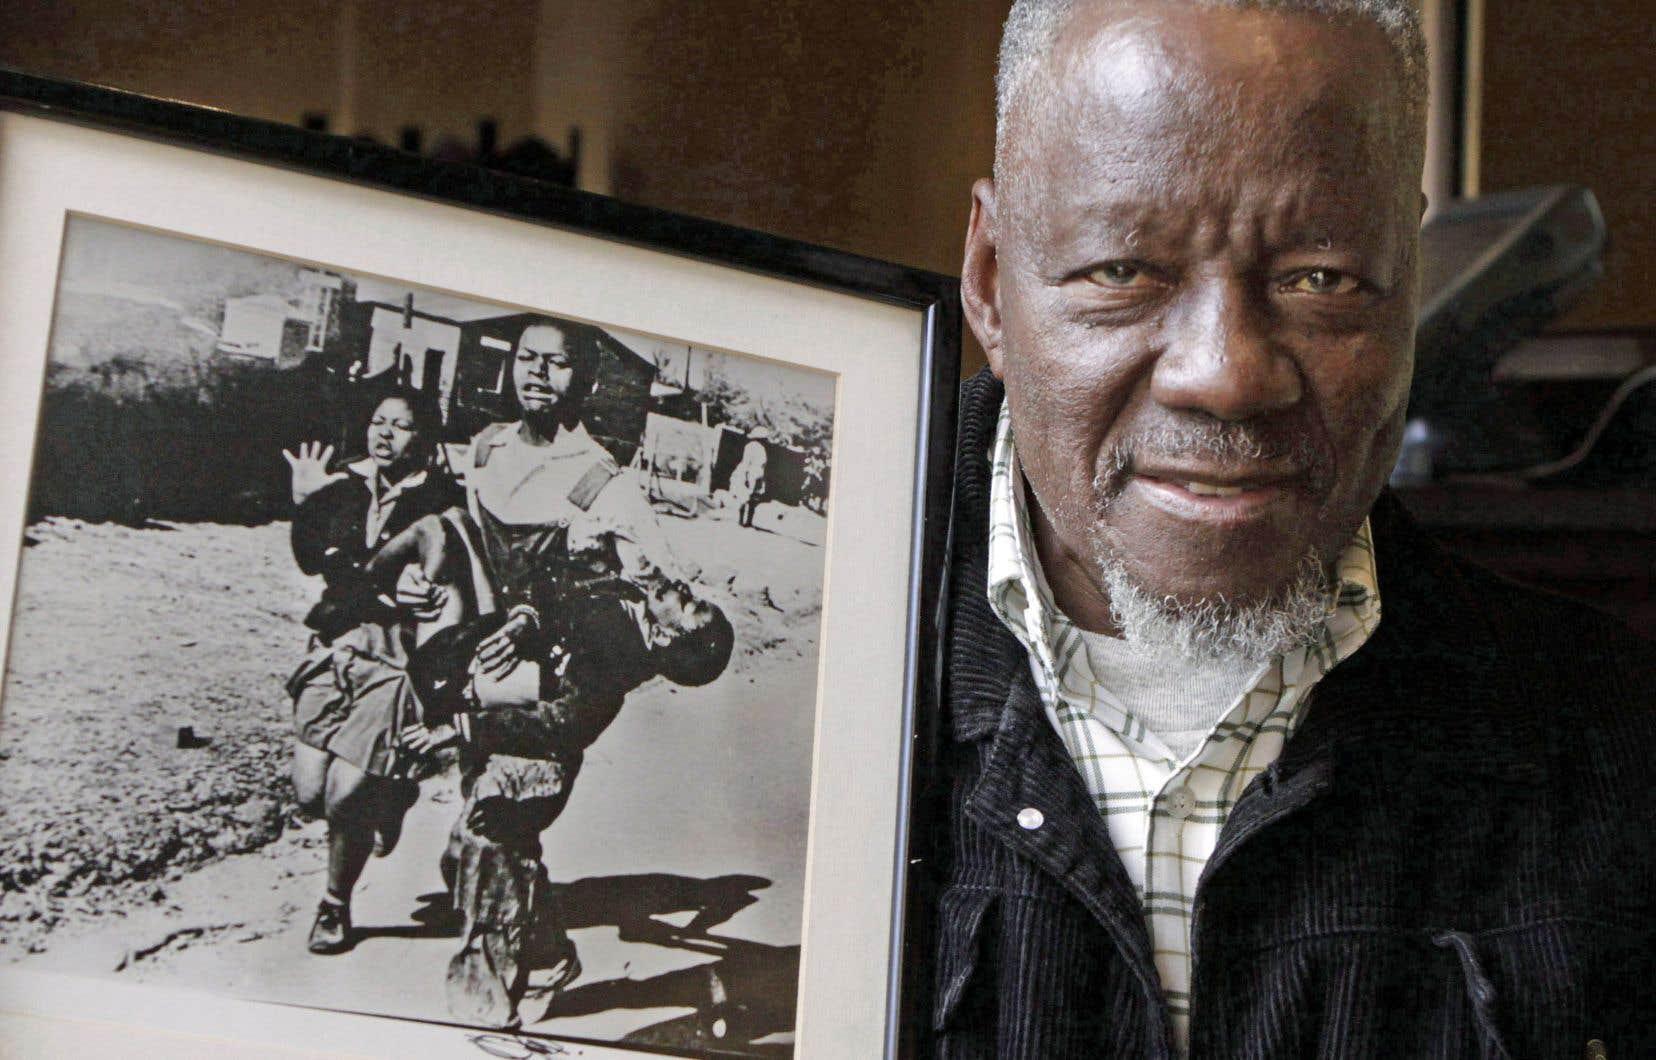 Le photographe pose ici en 2011 avec un encadrement de sa photo iconique du petit Hector Pieterson, mort sous les balles policières à Pretoria, en 1976.